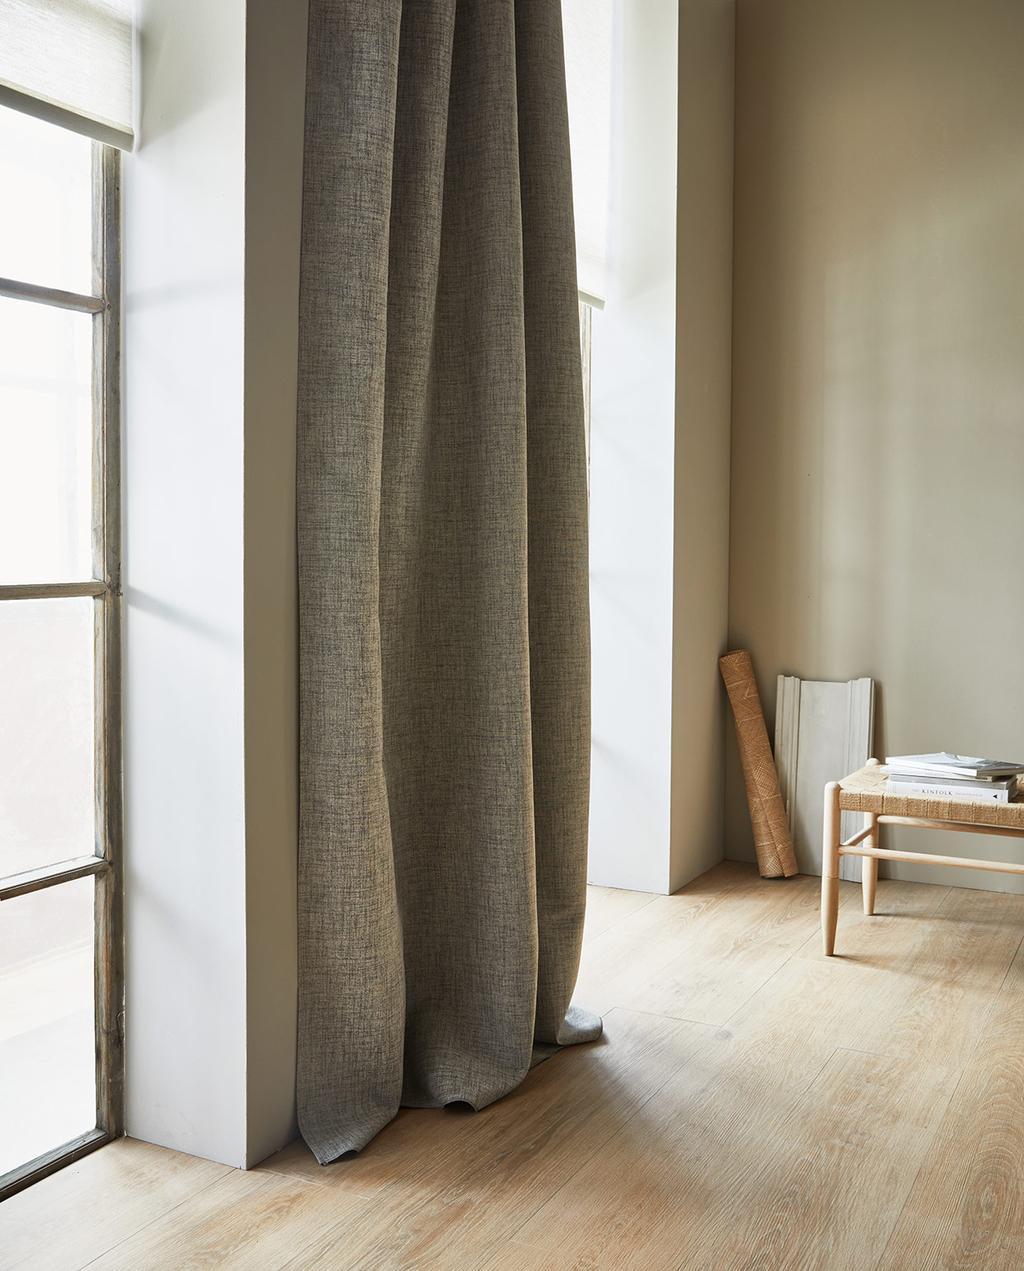 vtwonen 07-2021 | grijs gordijnen met vtwonen vloer natuurlijke styling | renovliesbehang